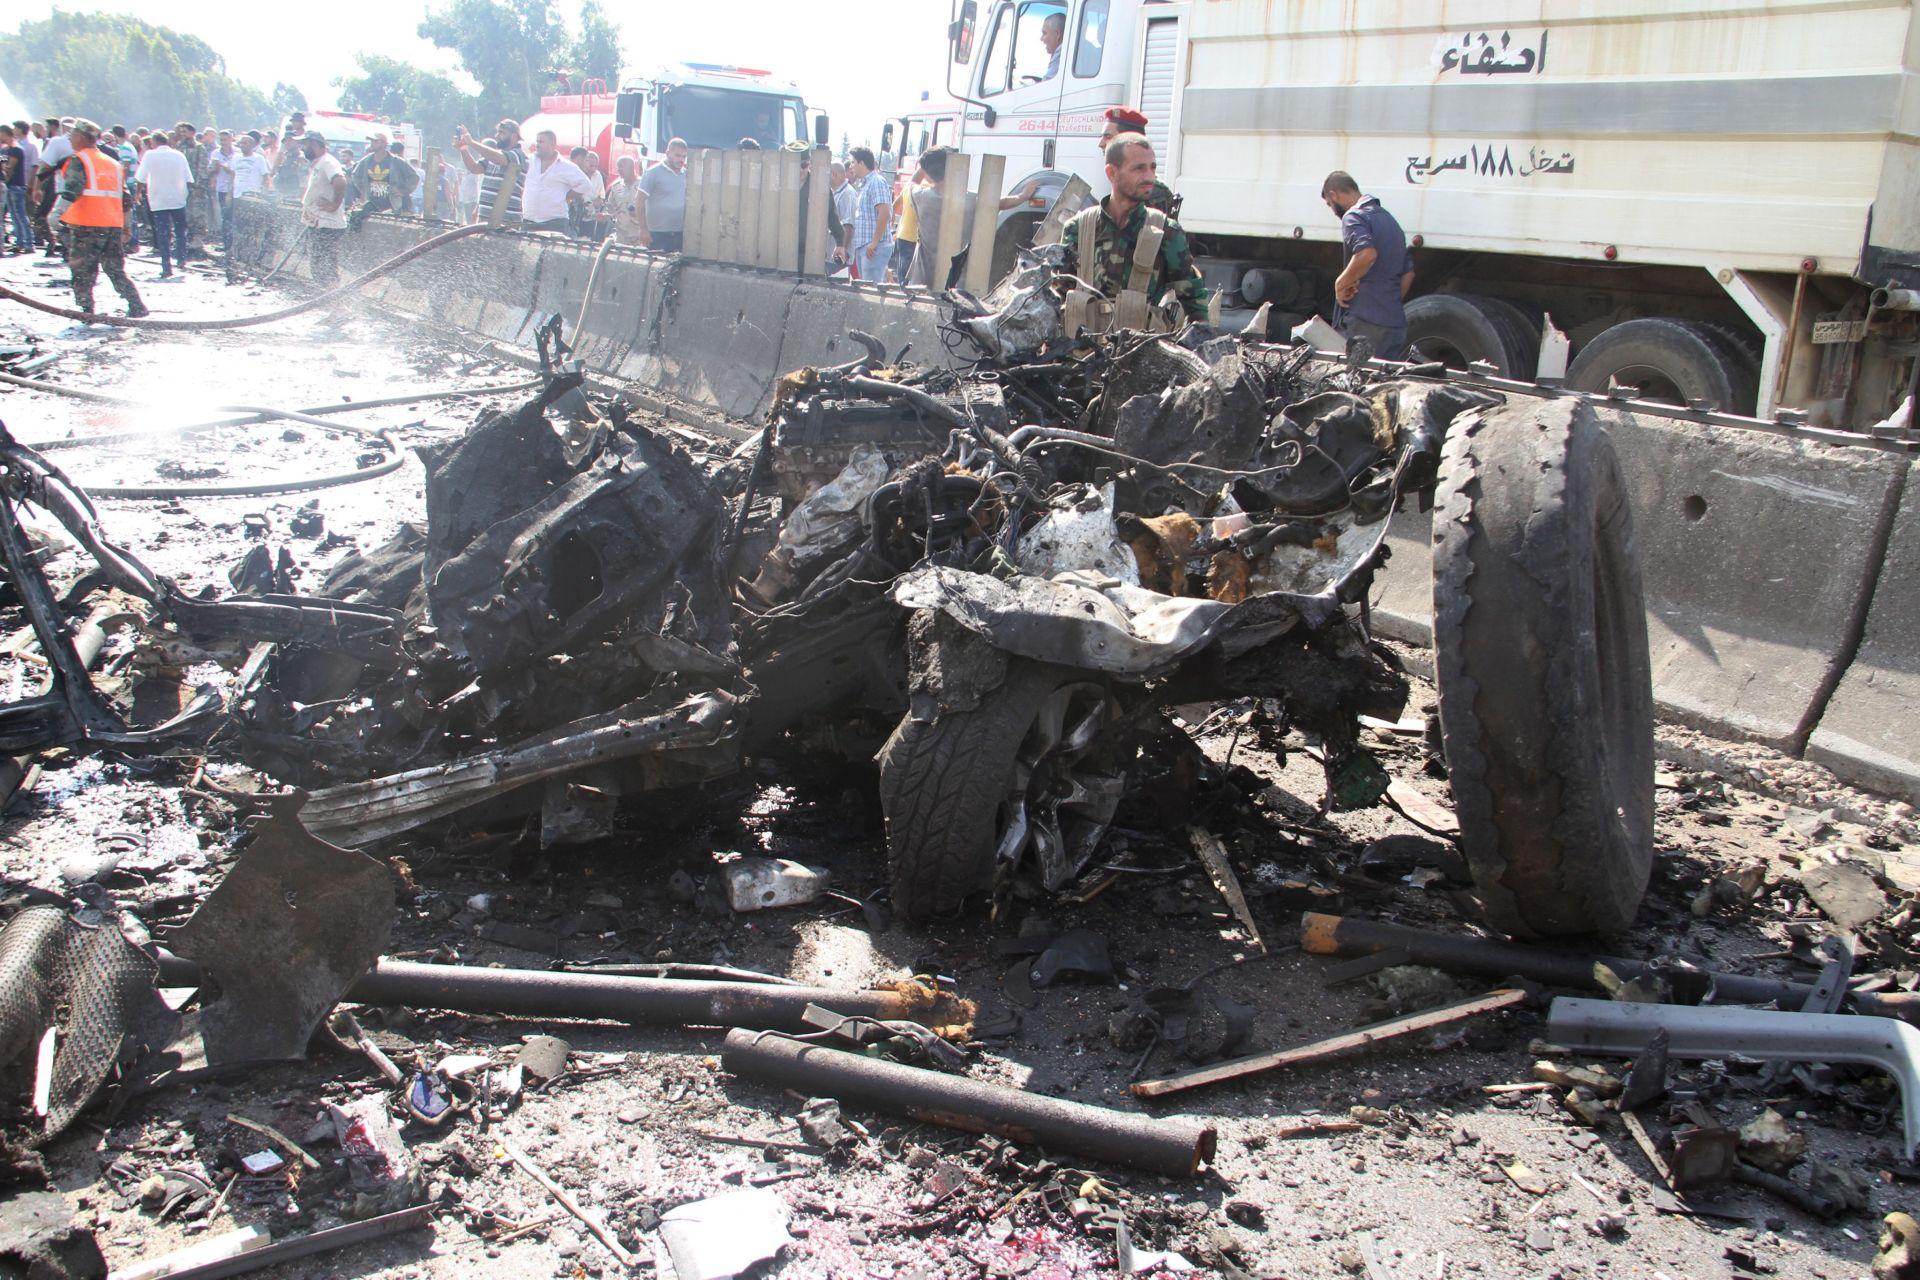 ZAPELI PREGOVORI O PREKIDU VATRE: U napadima IS-a u Siriji 53 mrtva